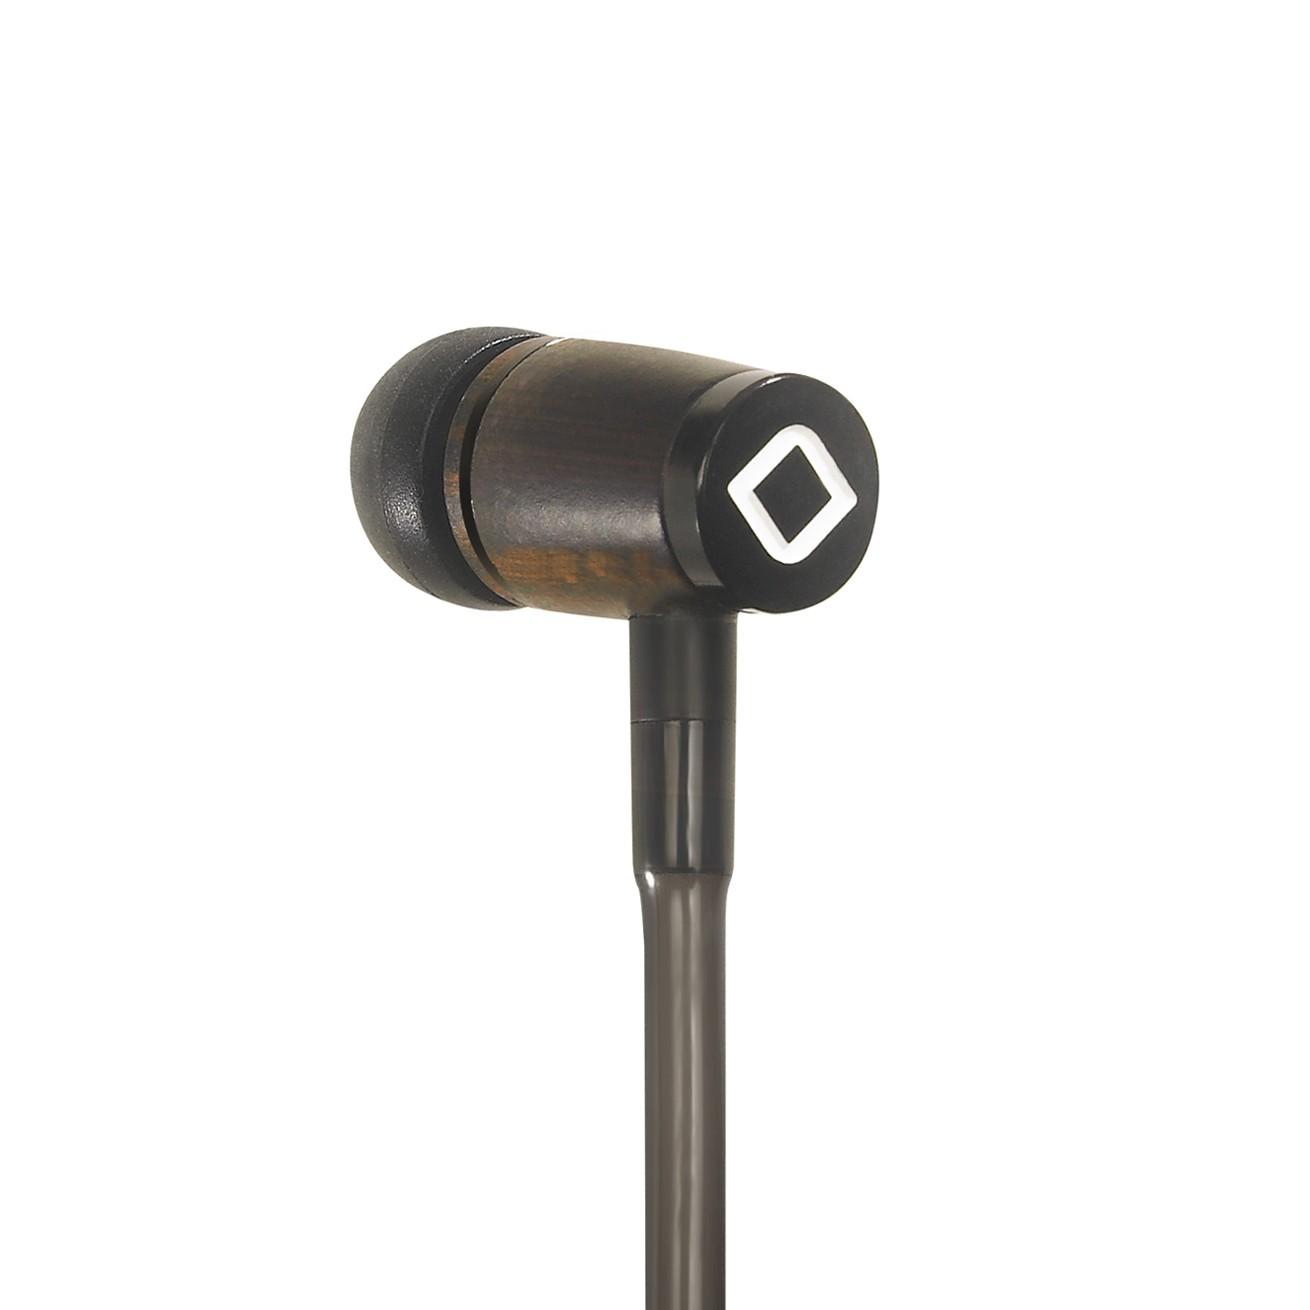 aircom A5 headset